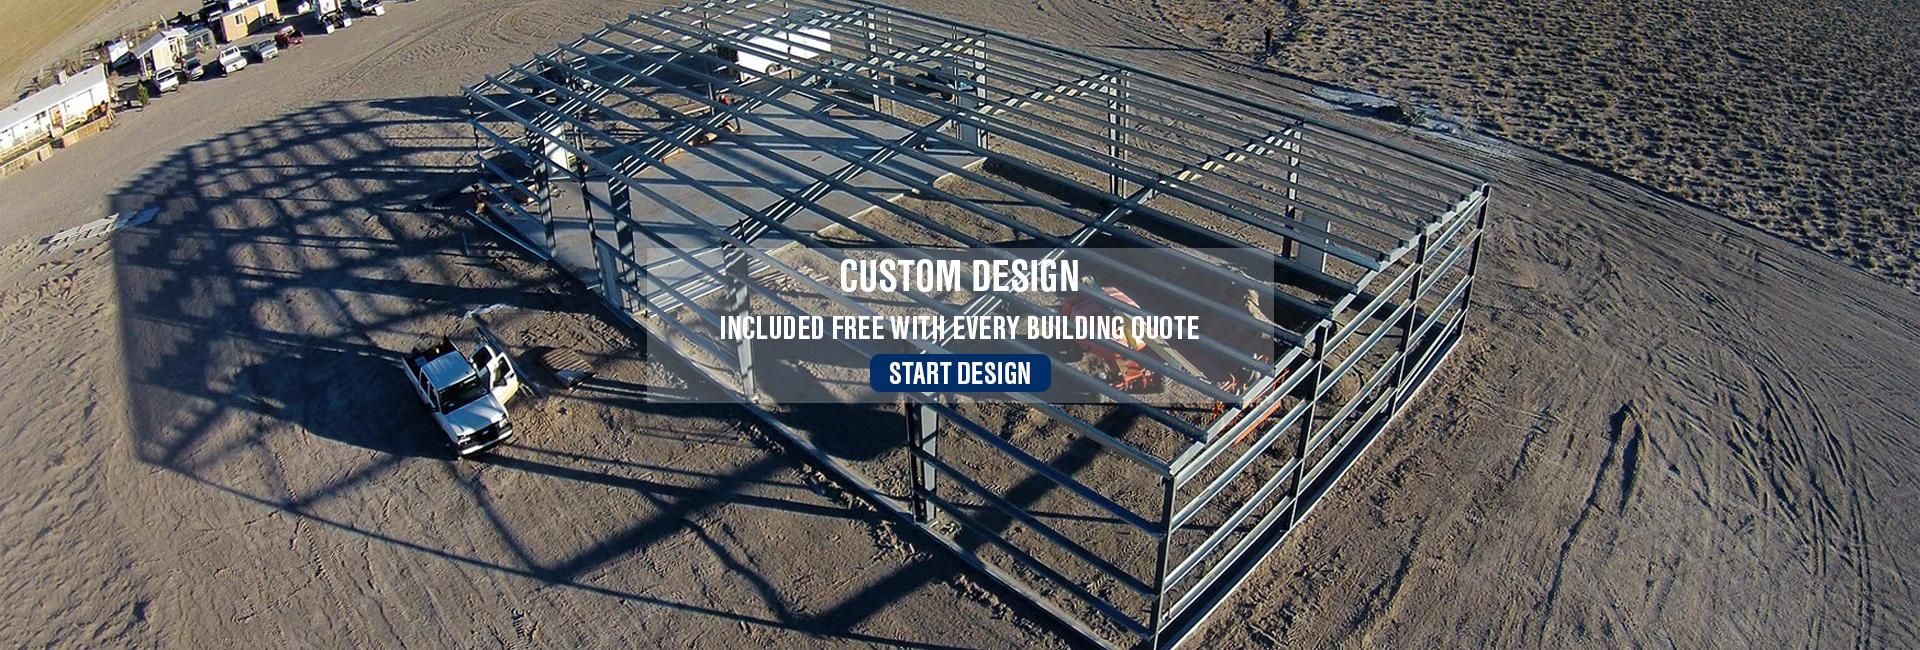 custom design metal building